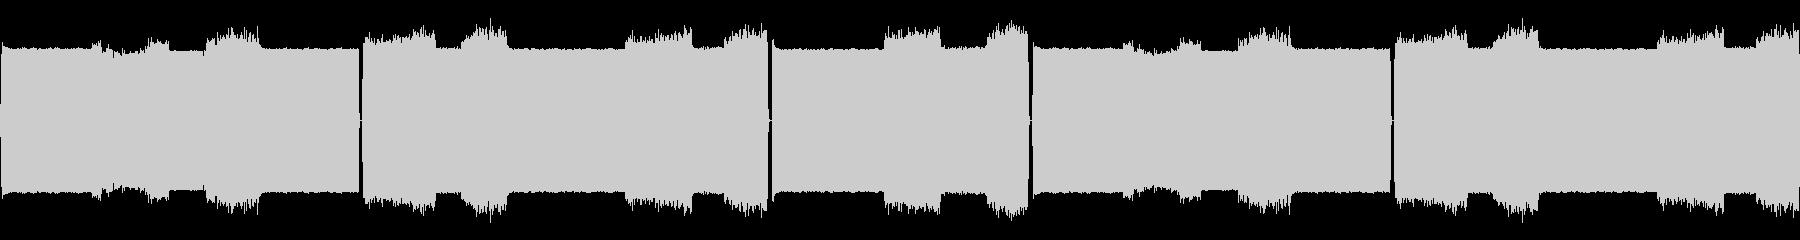 マルチFxレッドアラートスペースアラームの未再生の波形